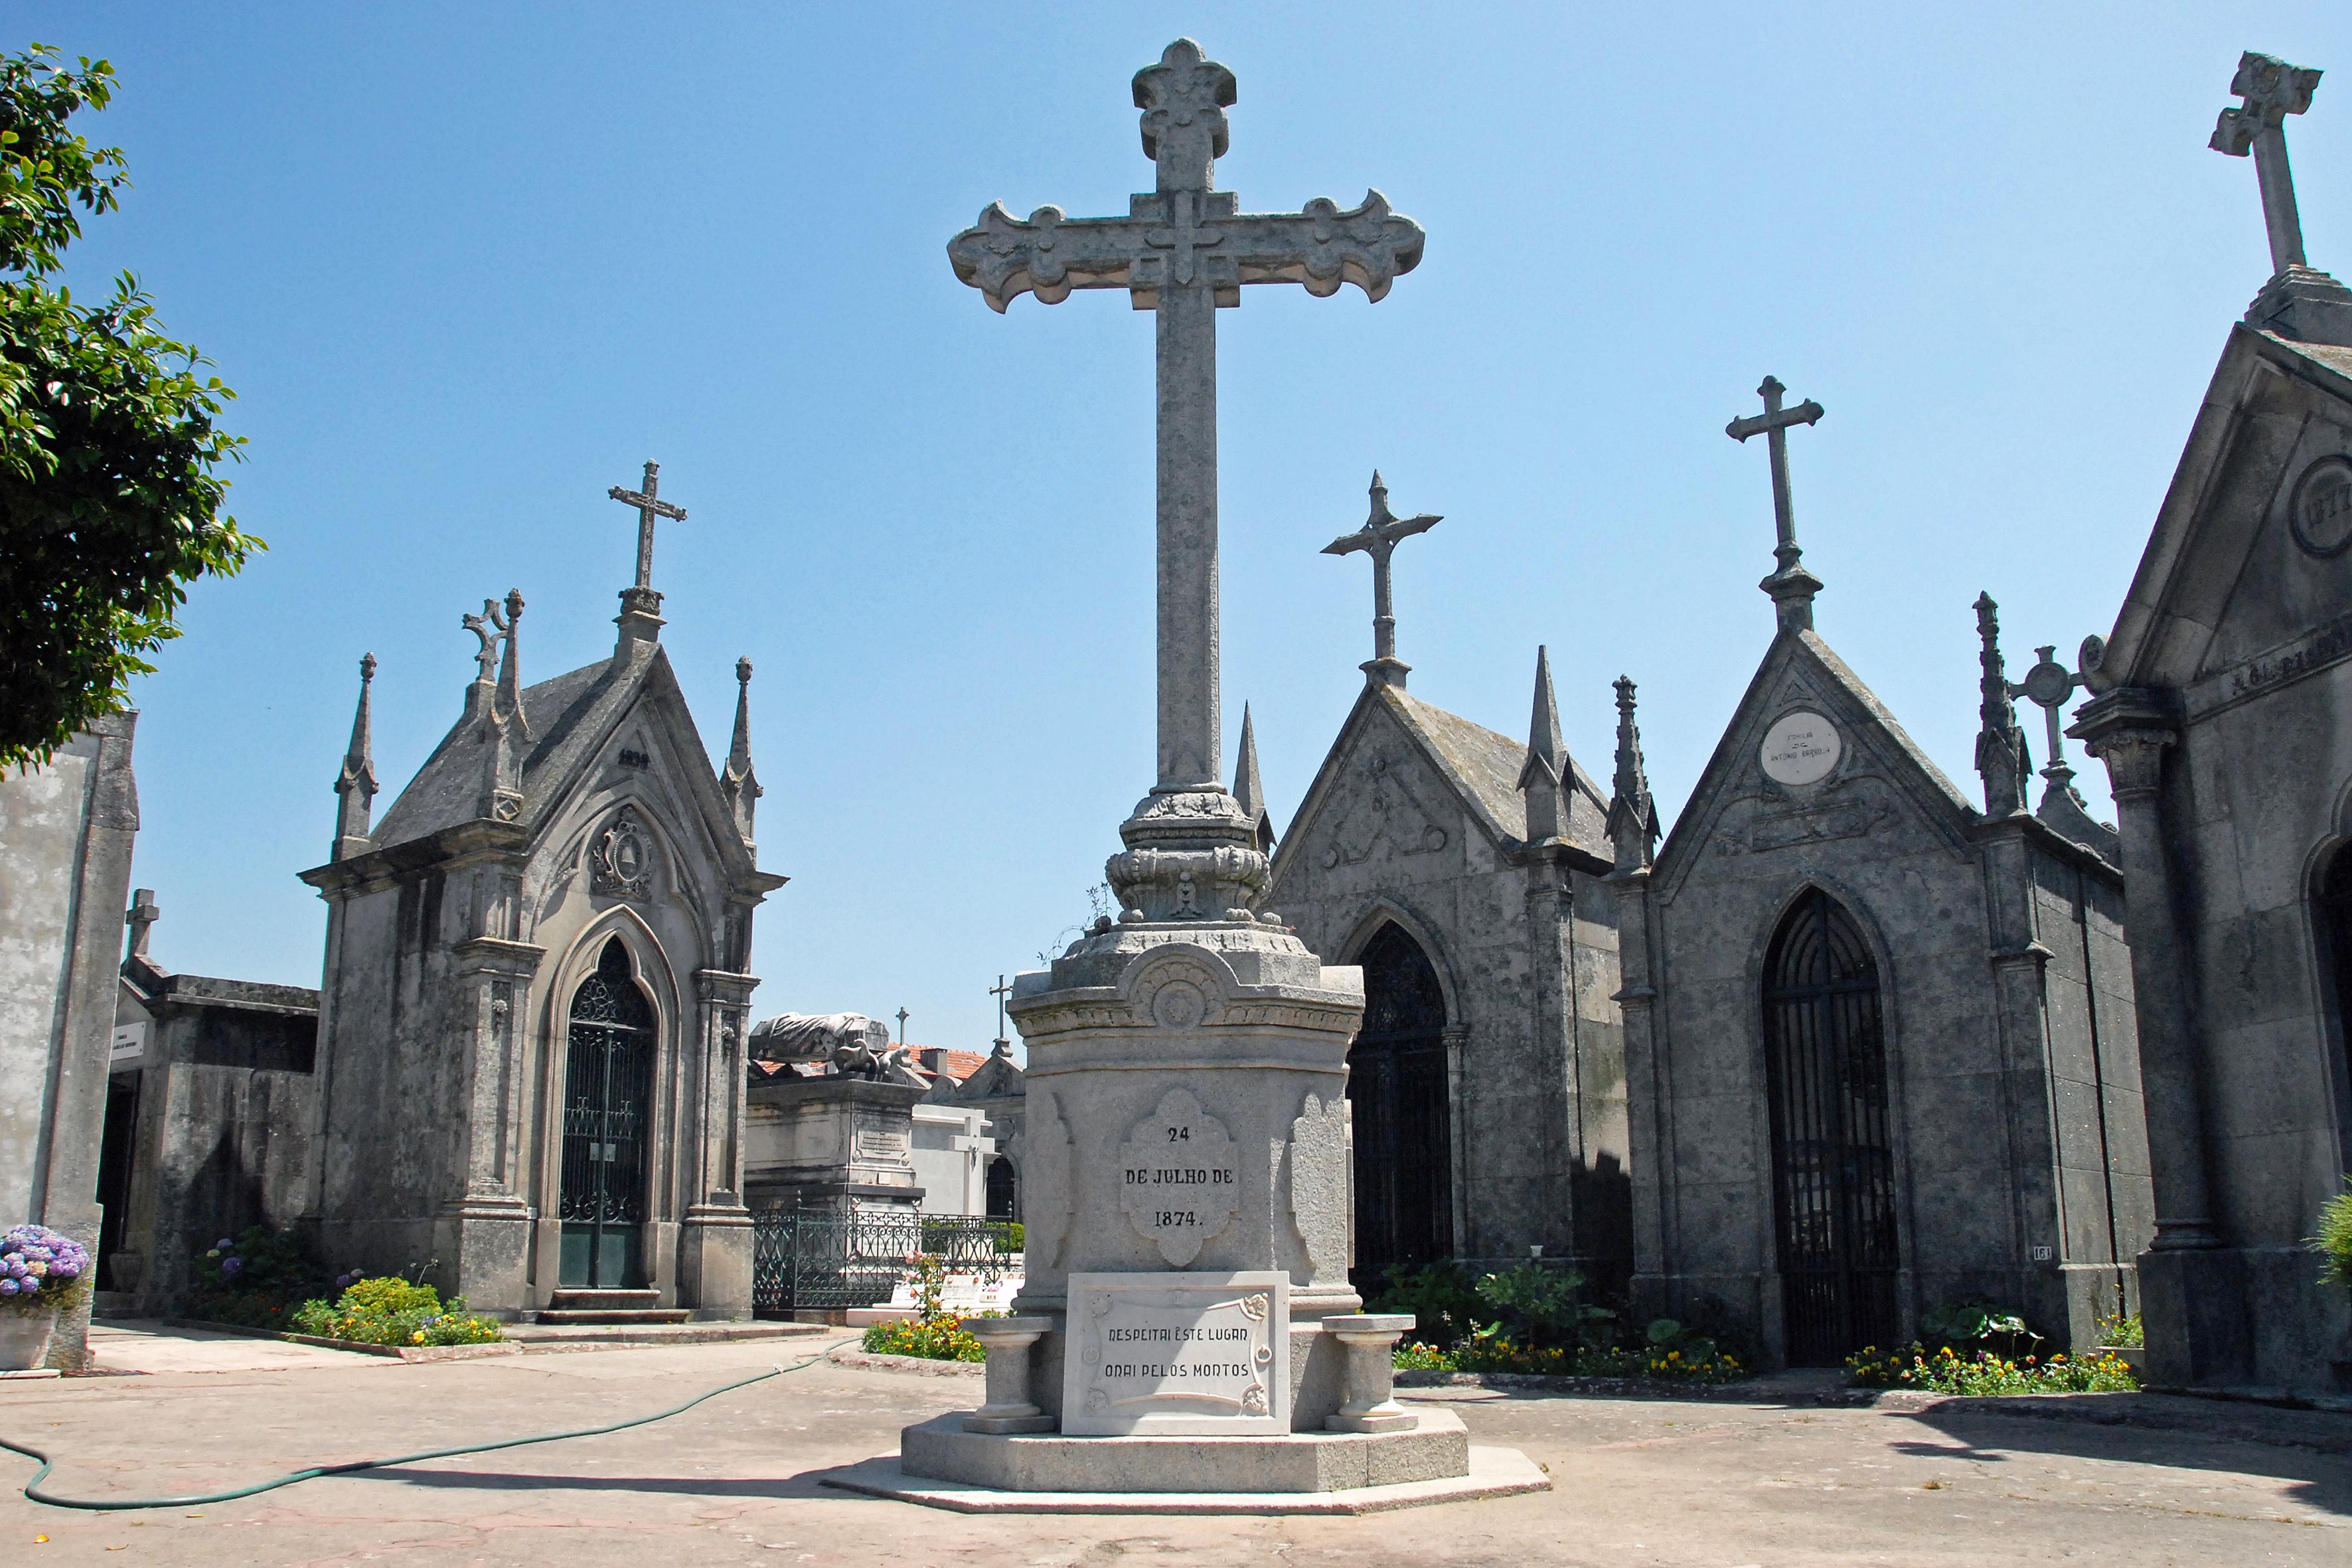 Cemiterio da Lapa